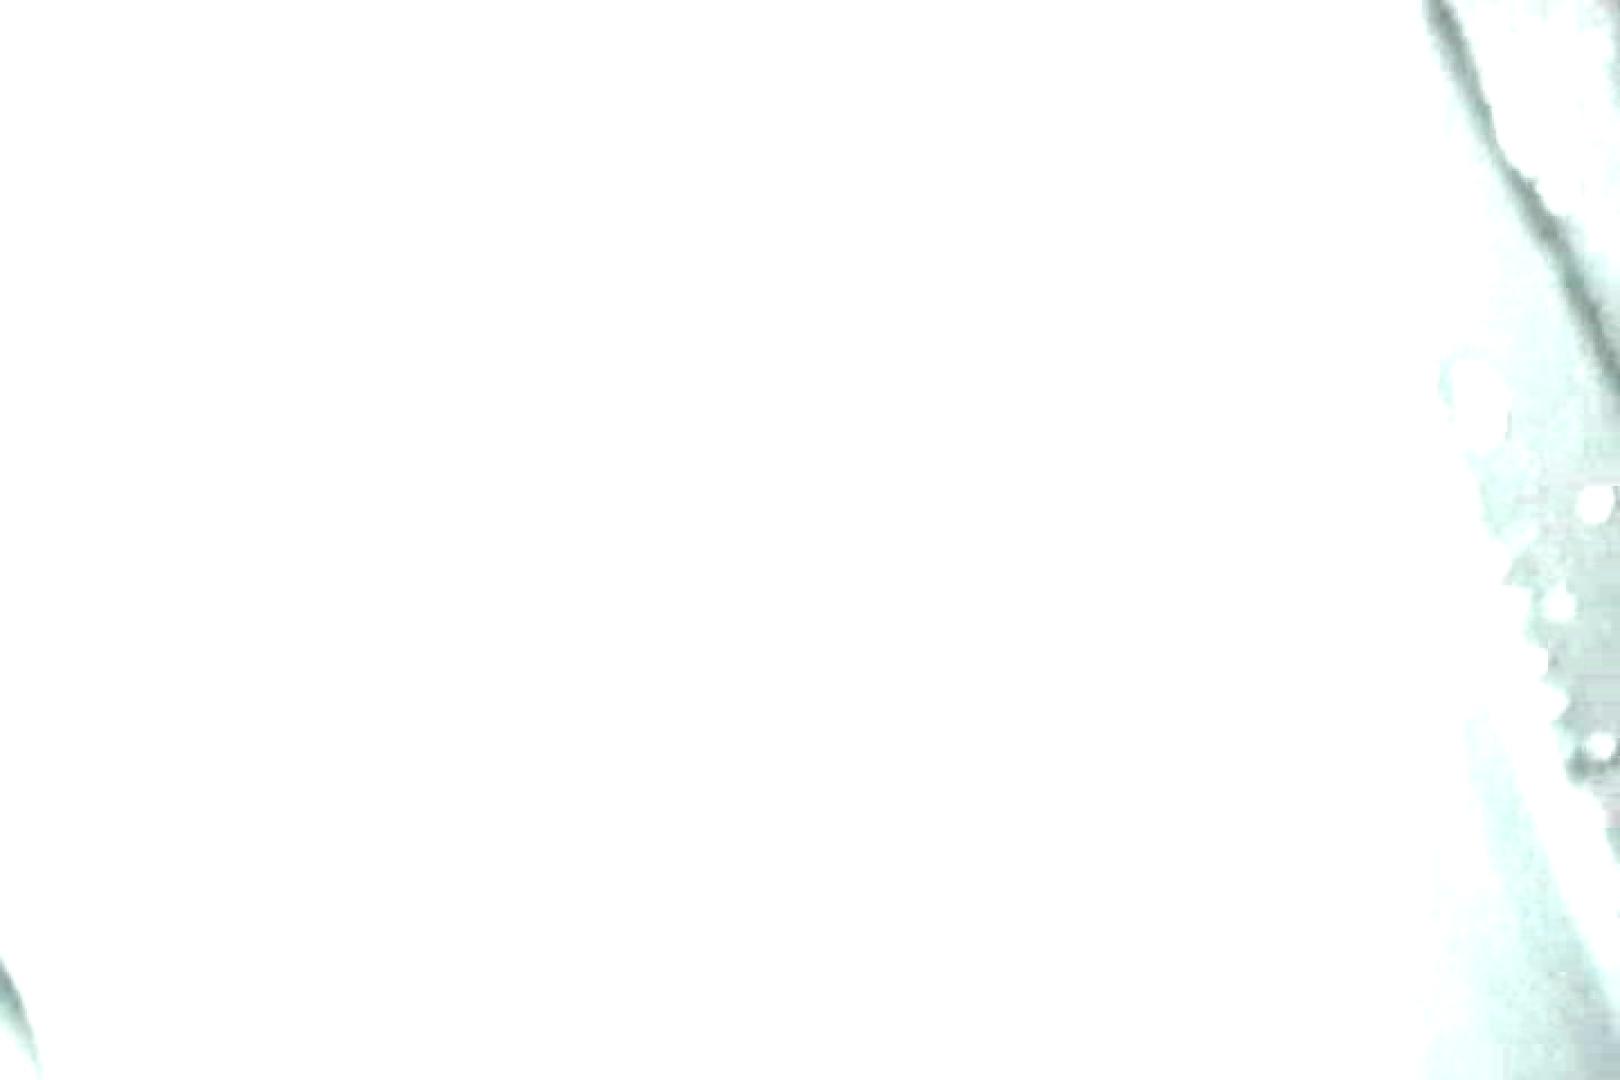 充血監督の深夜の運動会Vol.8 チクビ  98枚 85